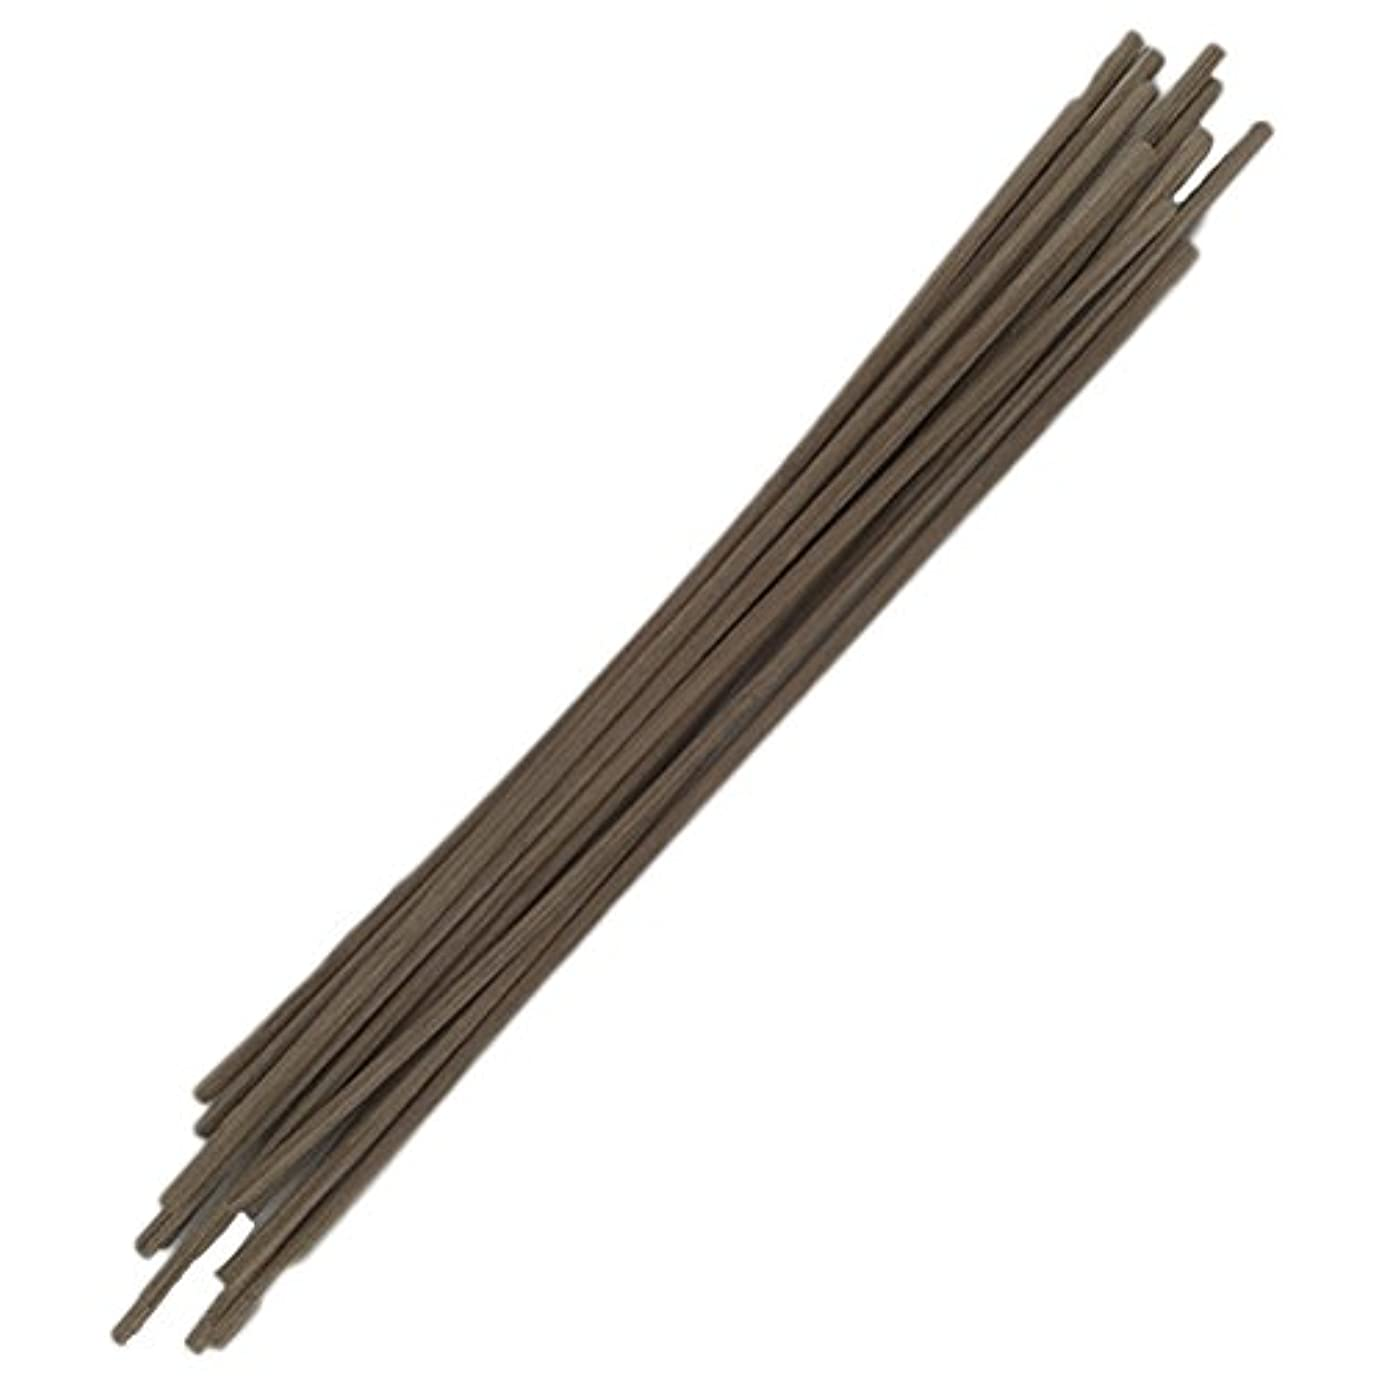 引く瞑想する請負業者Healifty 30pcs籐のリードは自然の香りのリードのディフューザーのアロマオイルディフューザー籐25センチメートルスティック